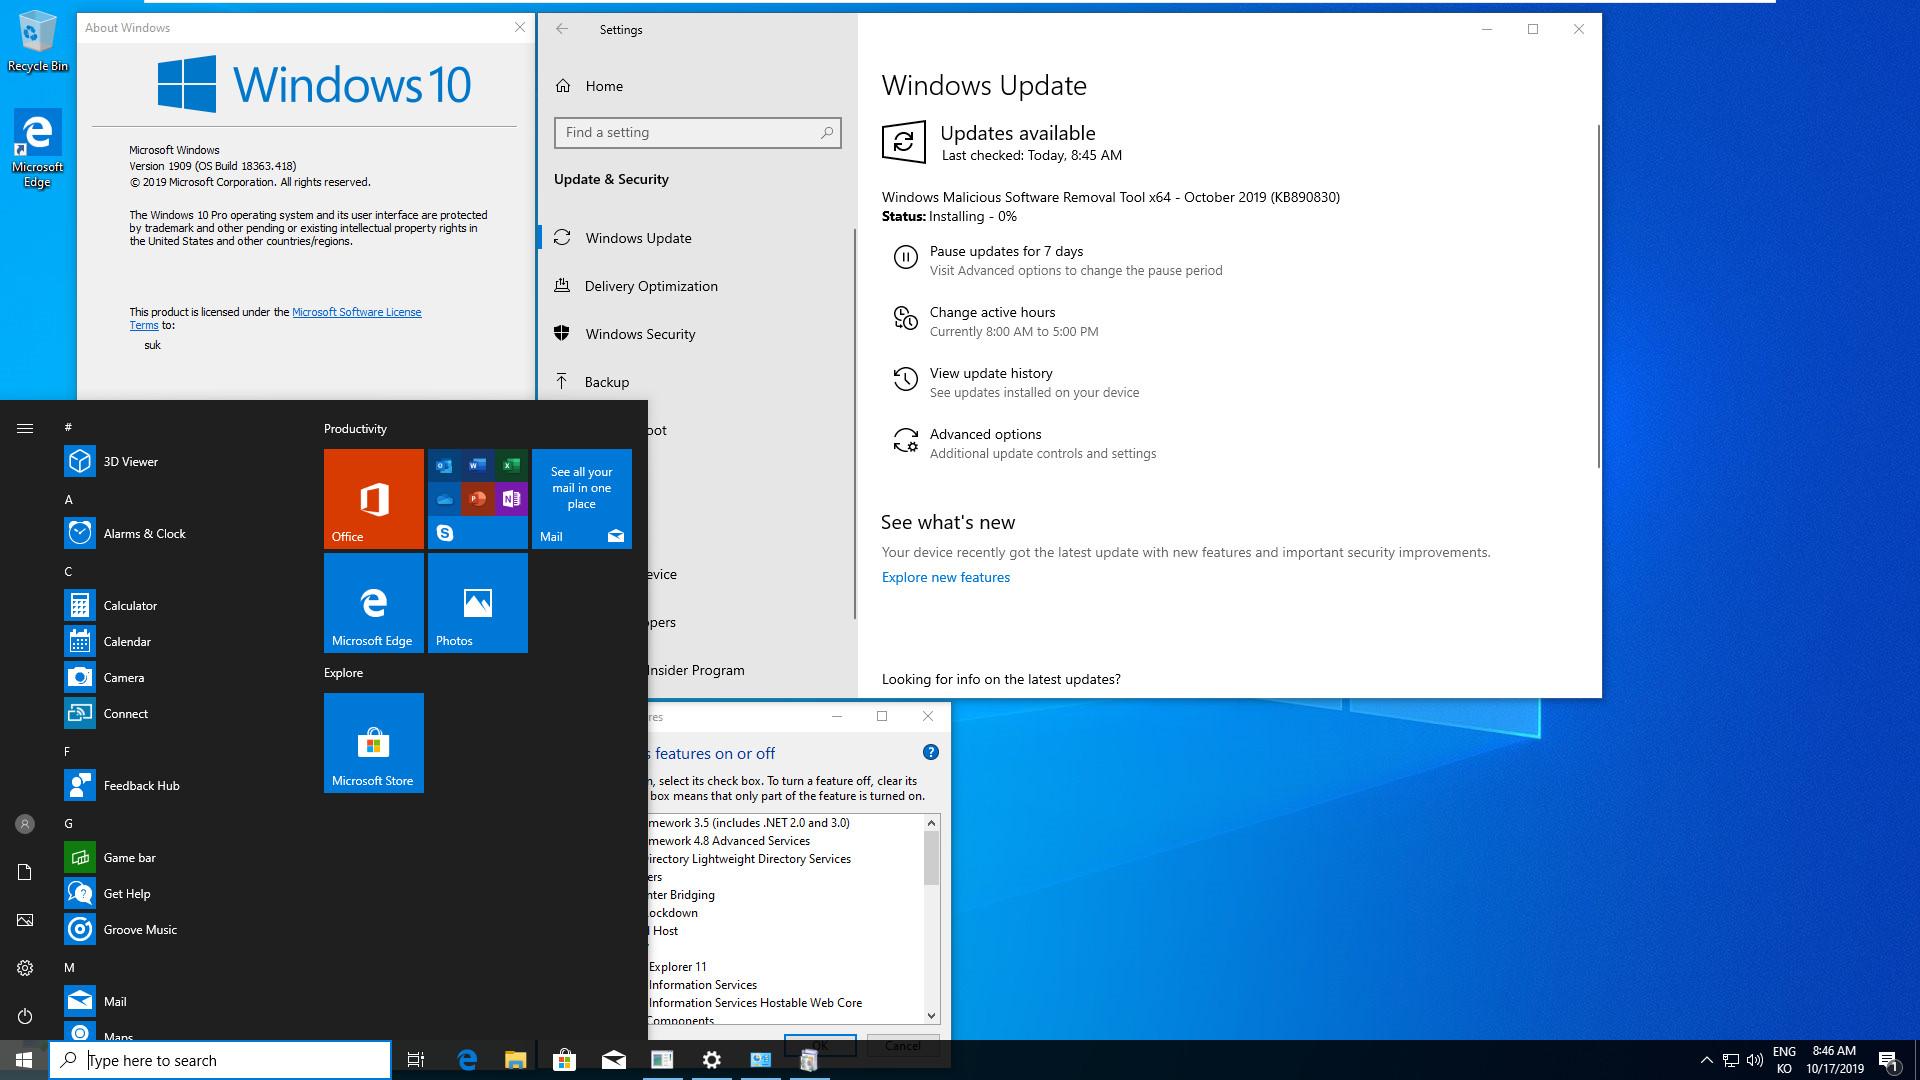 Windows 10 버전 1909 (OS빌드 18363.418) 코드네임 19H2 첫 MSDN 영문판 나왔네요 - 설치 테스트 2019-10-17_084642.jpg